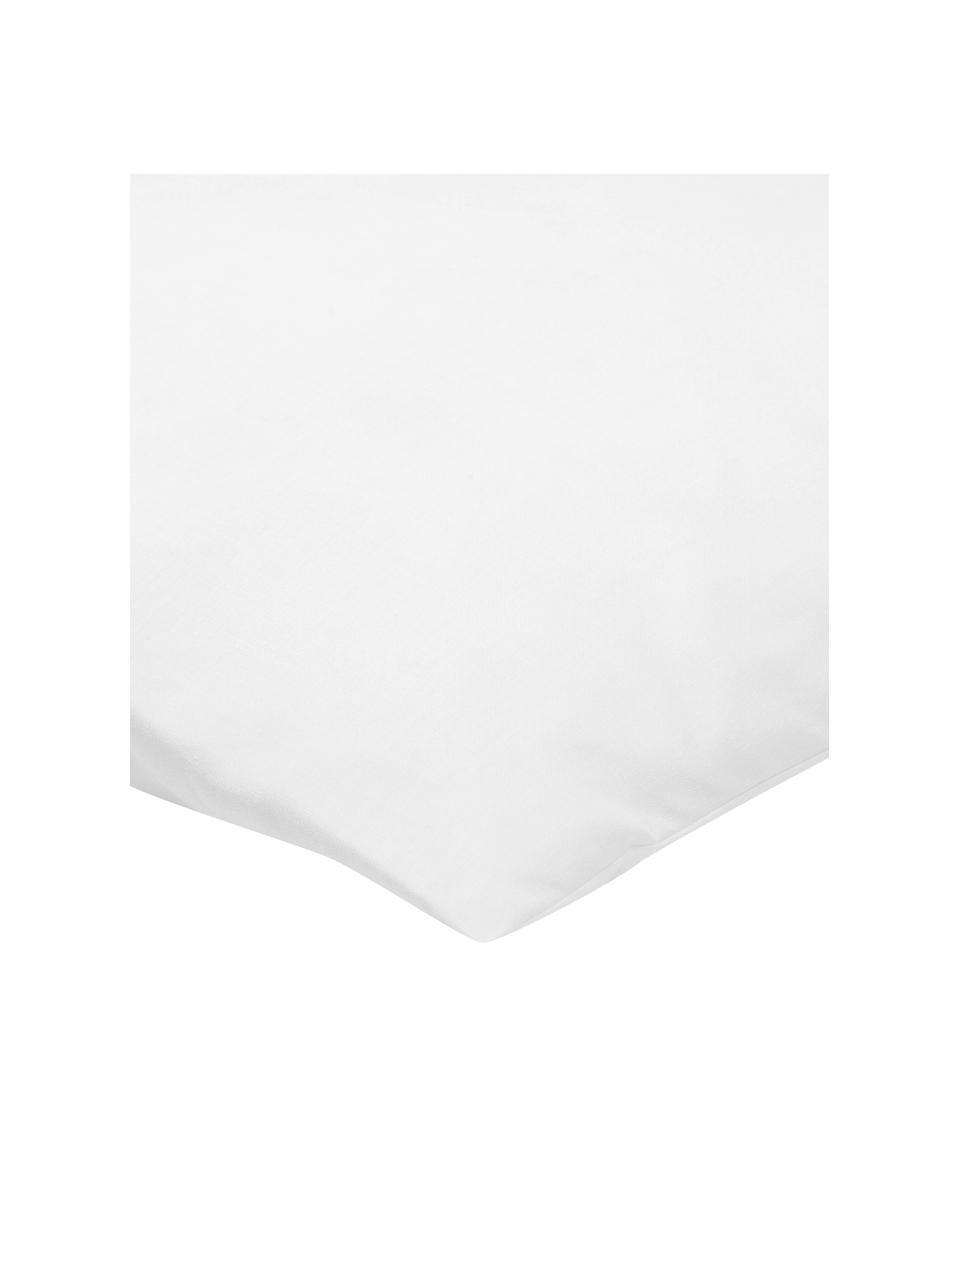 Garnissage de coussin en microfibre 40 x 40  Sia, Blanc